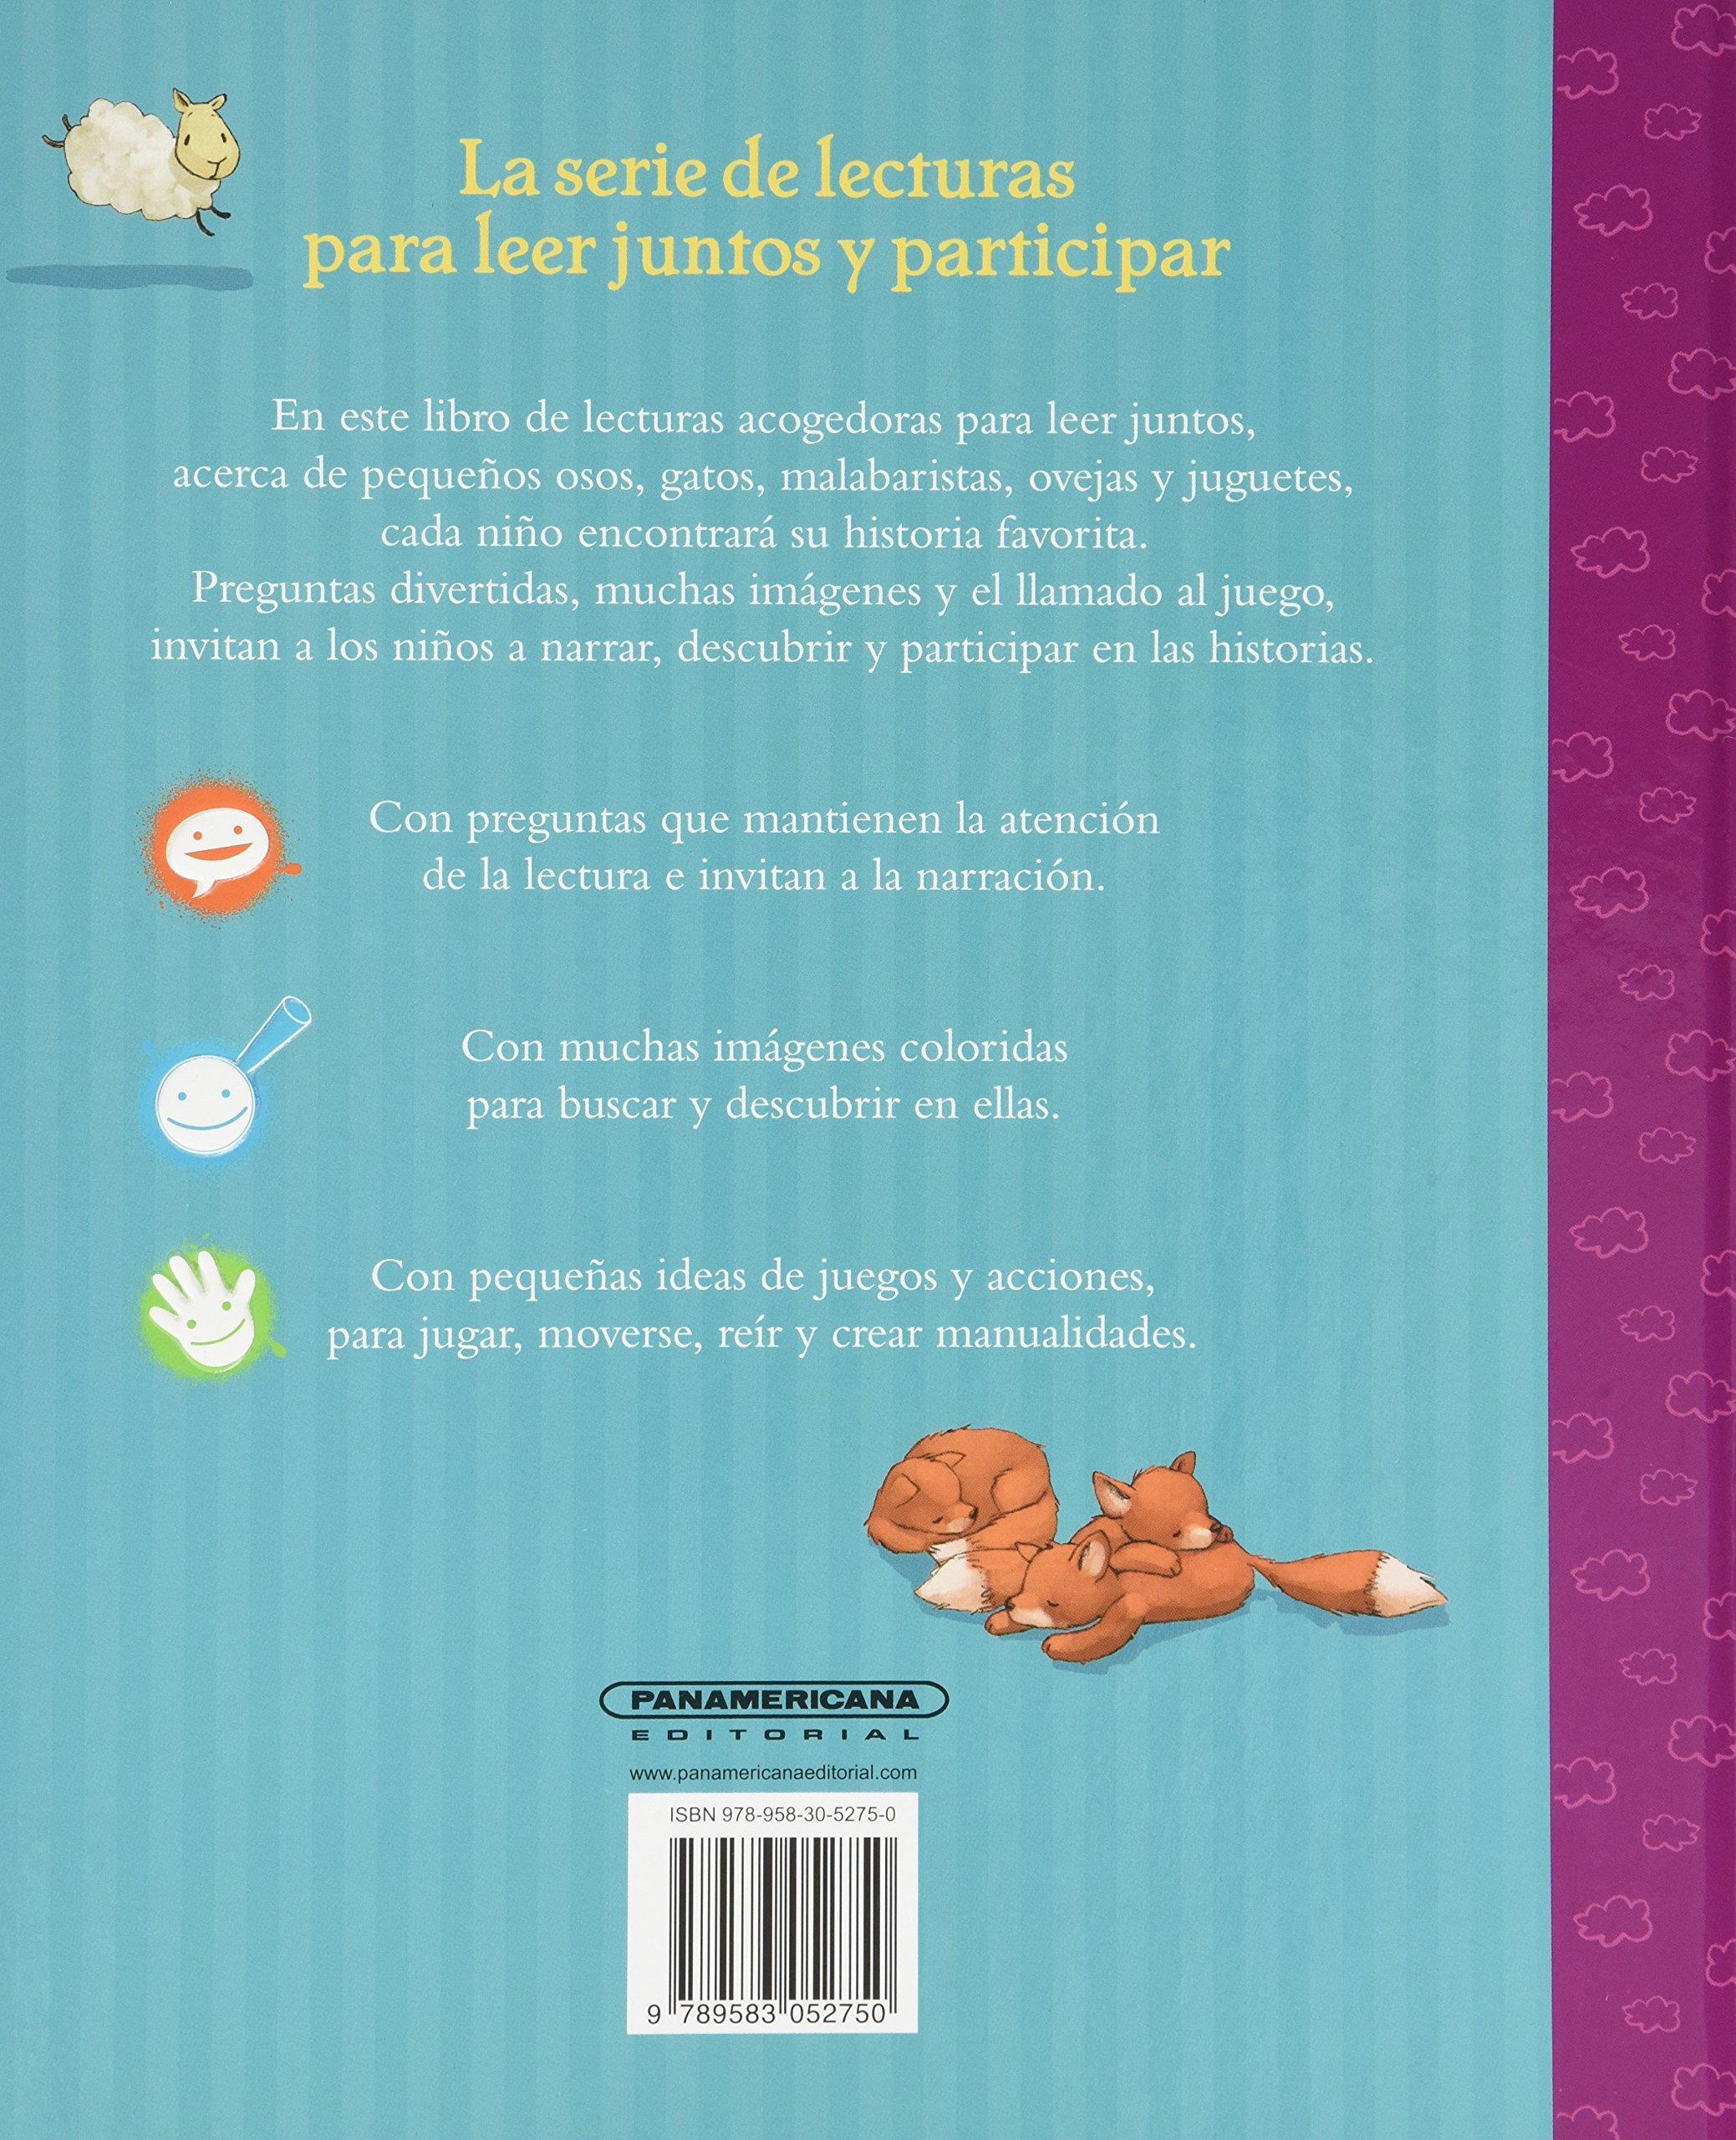 Lecturas Acogedoras Para Leer Juntos: Suenos, Estrellas y Dias de Lluvia (English and Spanish Edition): Maren Von Klitzing: 9789583052750: Amazon.com: Books